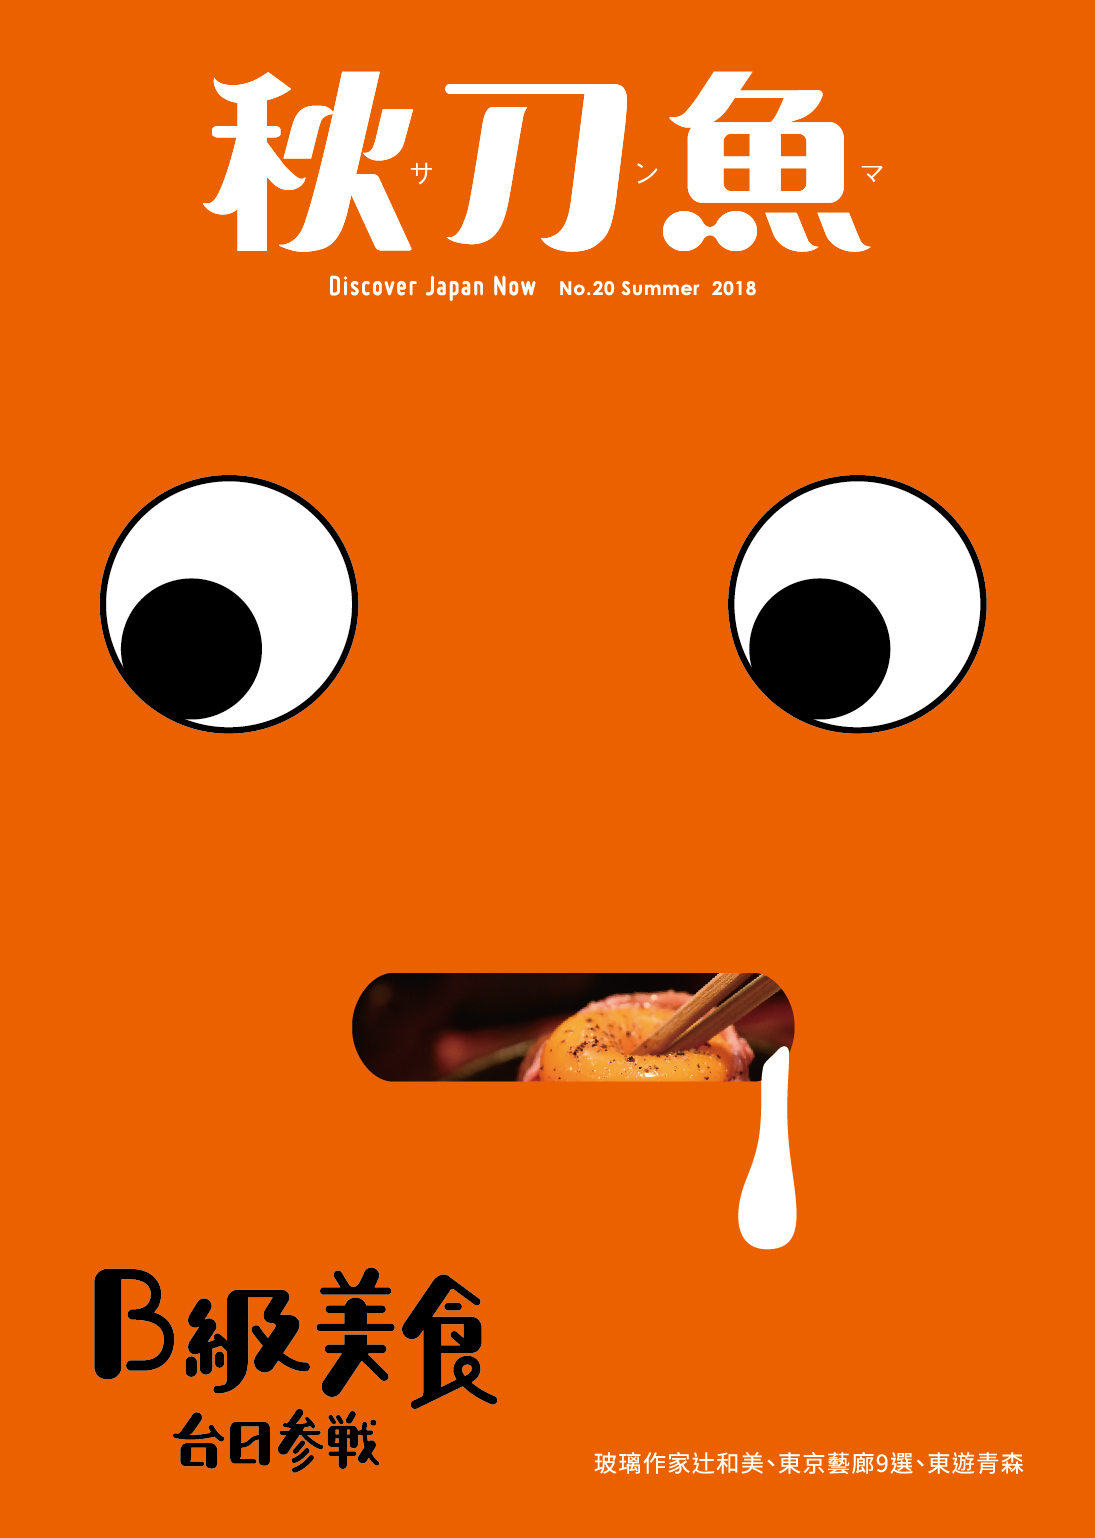 秋刀魚 第20期  〈B級美食 台日參戰〉  在庫  ﹥20